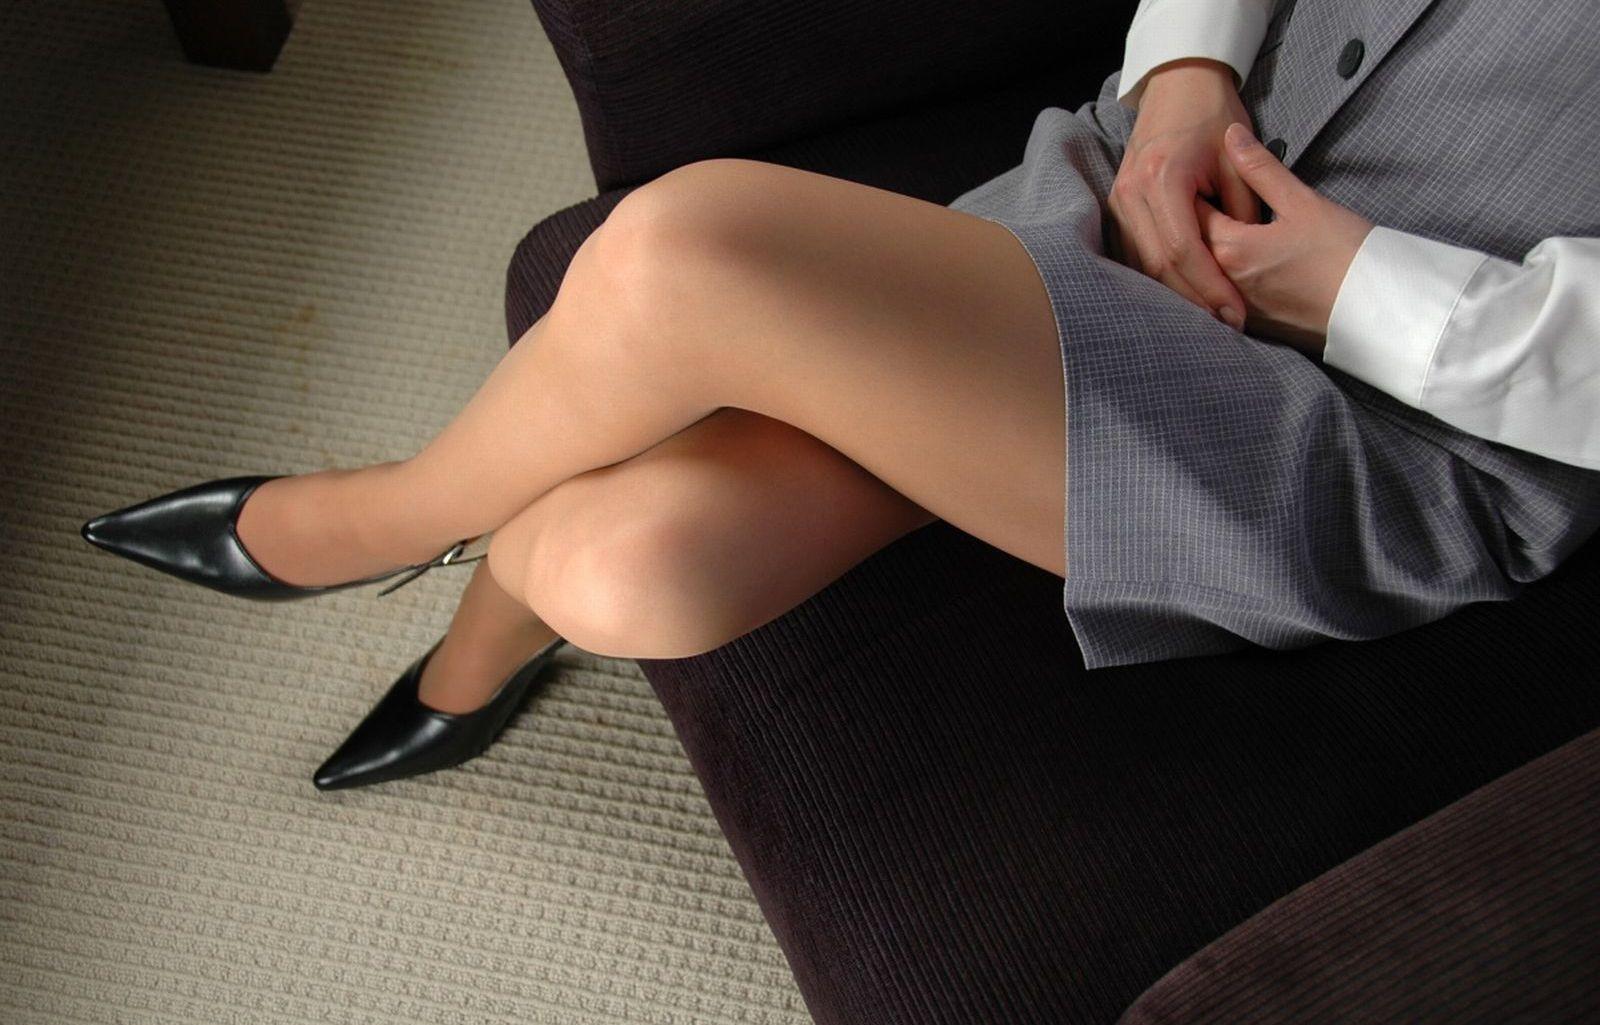 【美脚エロ画像】組んだらムッチリ感が強まってイイ感じw艶めかしい女の太ももwww 03